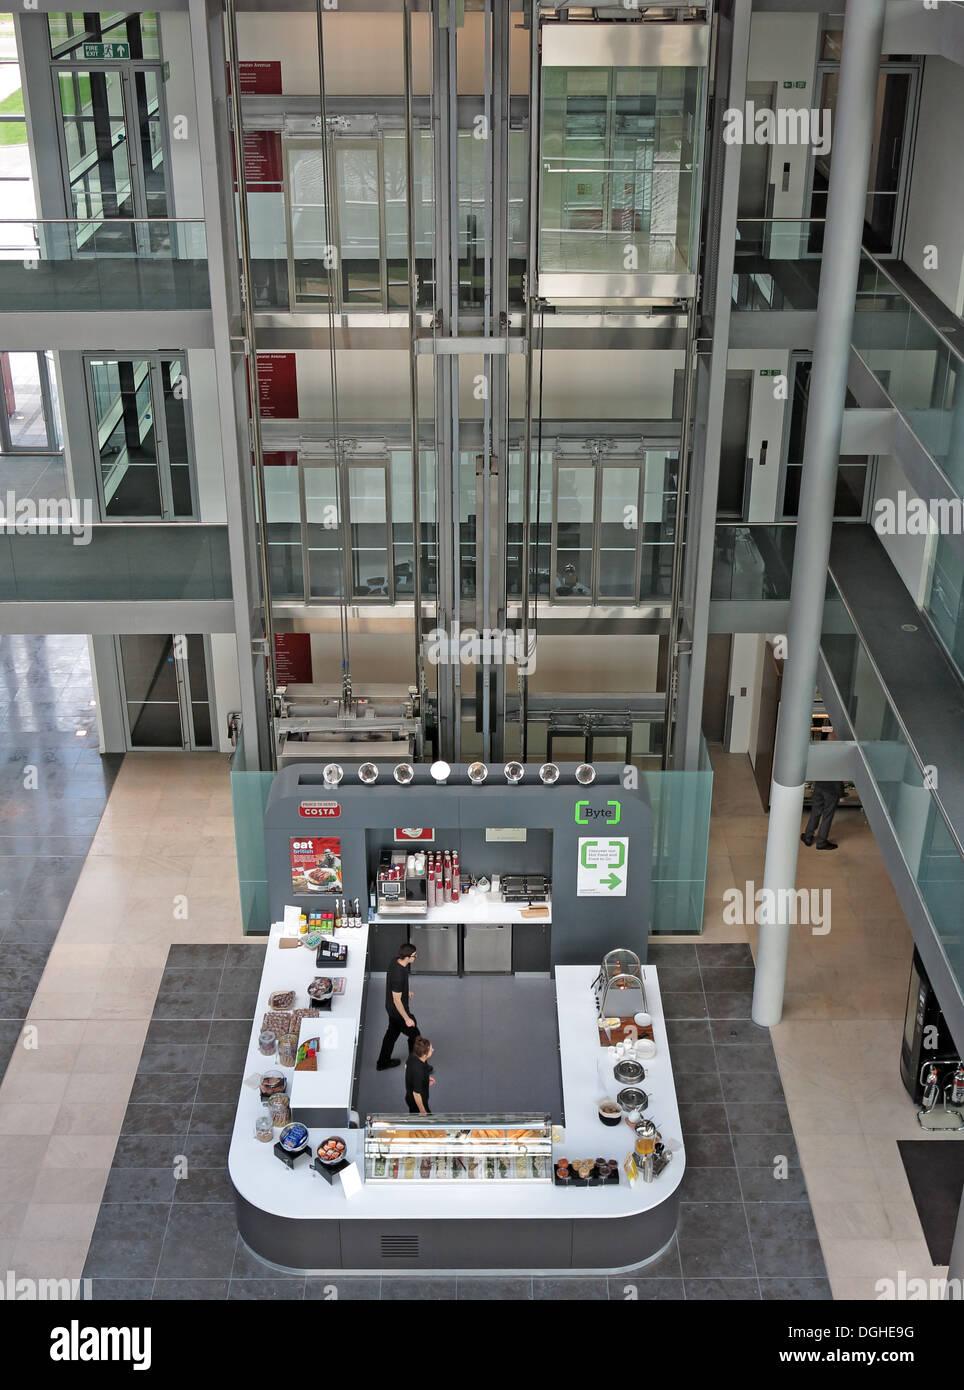 Laden Sie dieses Alamy Stockfoto Byte-Cafe, Green Park Büros, 486 Sockel, Reading, Berks, England, UK - DGHE9G